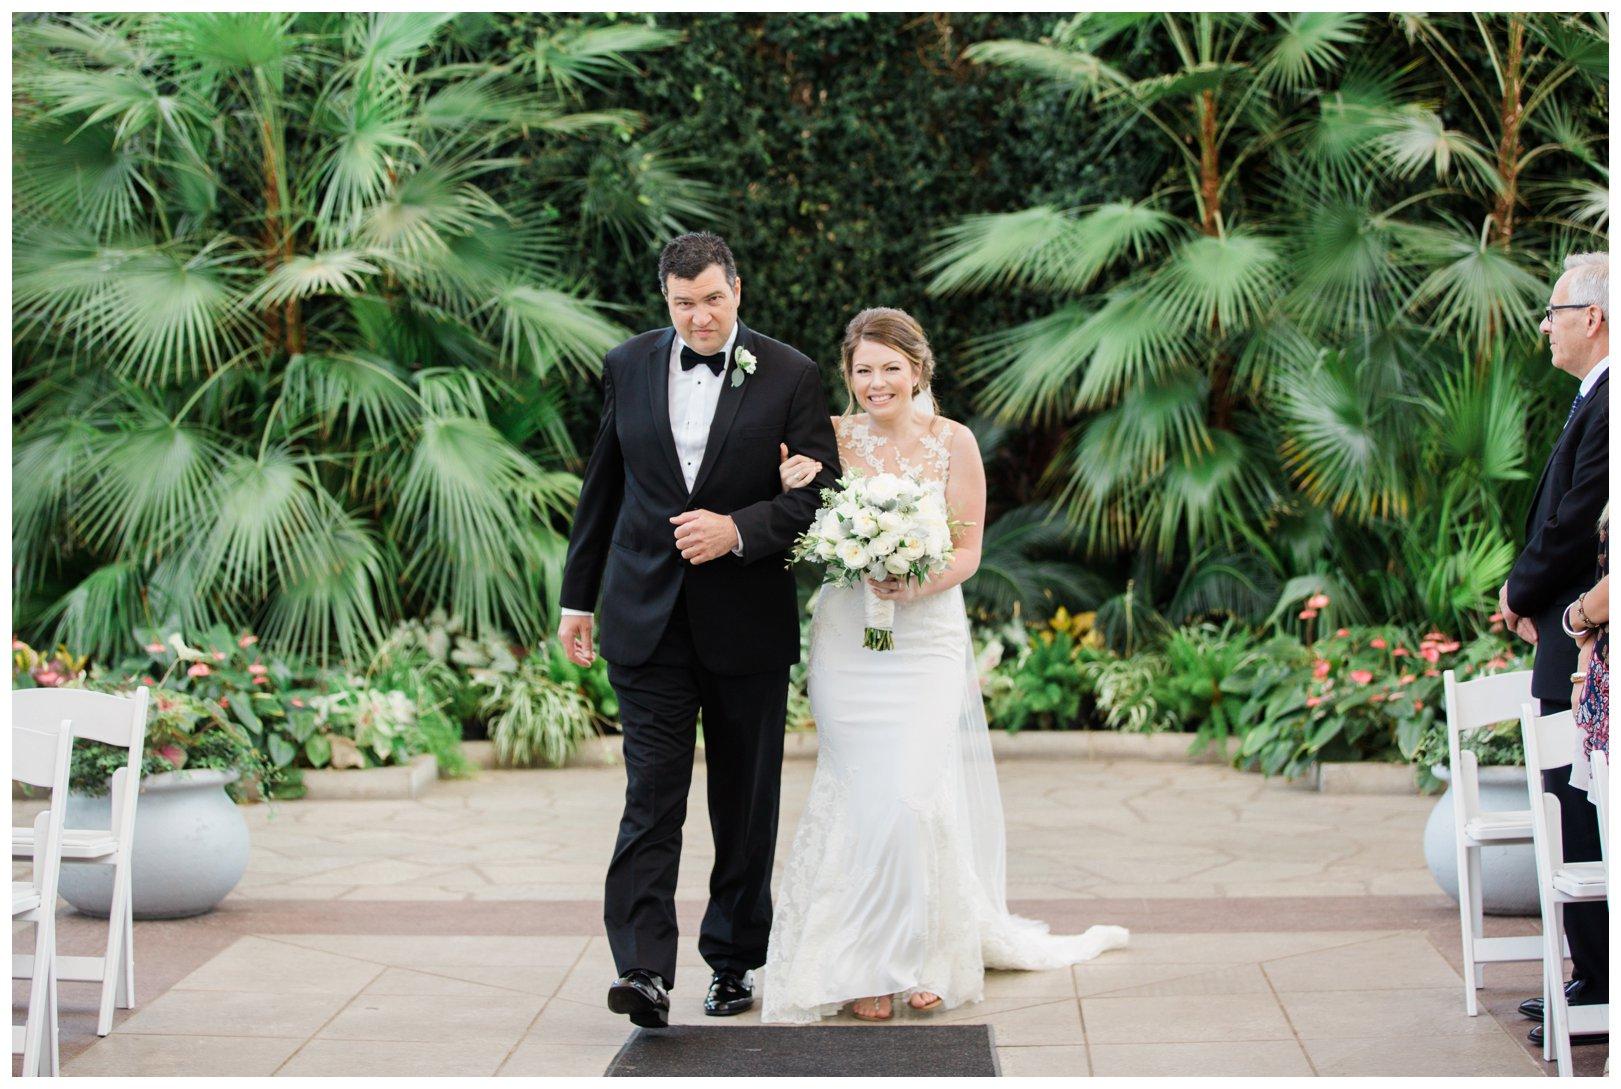 lauren muckler photography_fine art film wedding photography_st louis_photography_1300.jpg